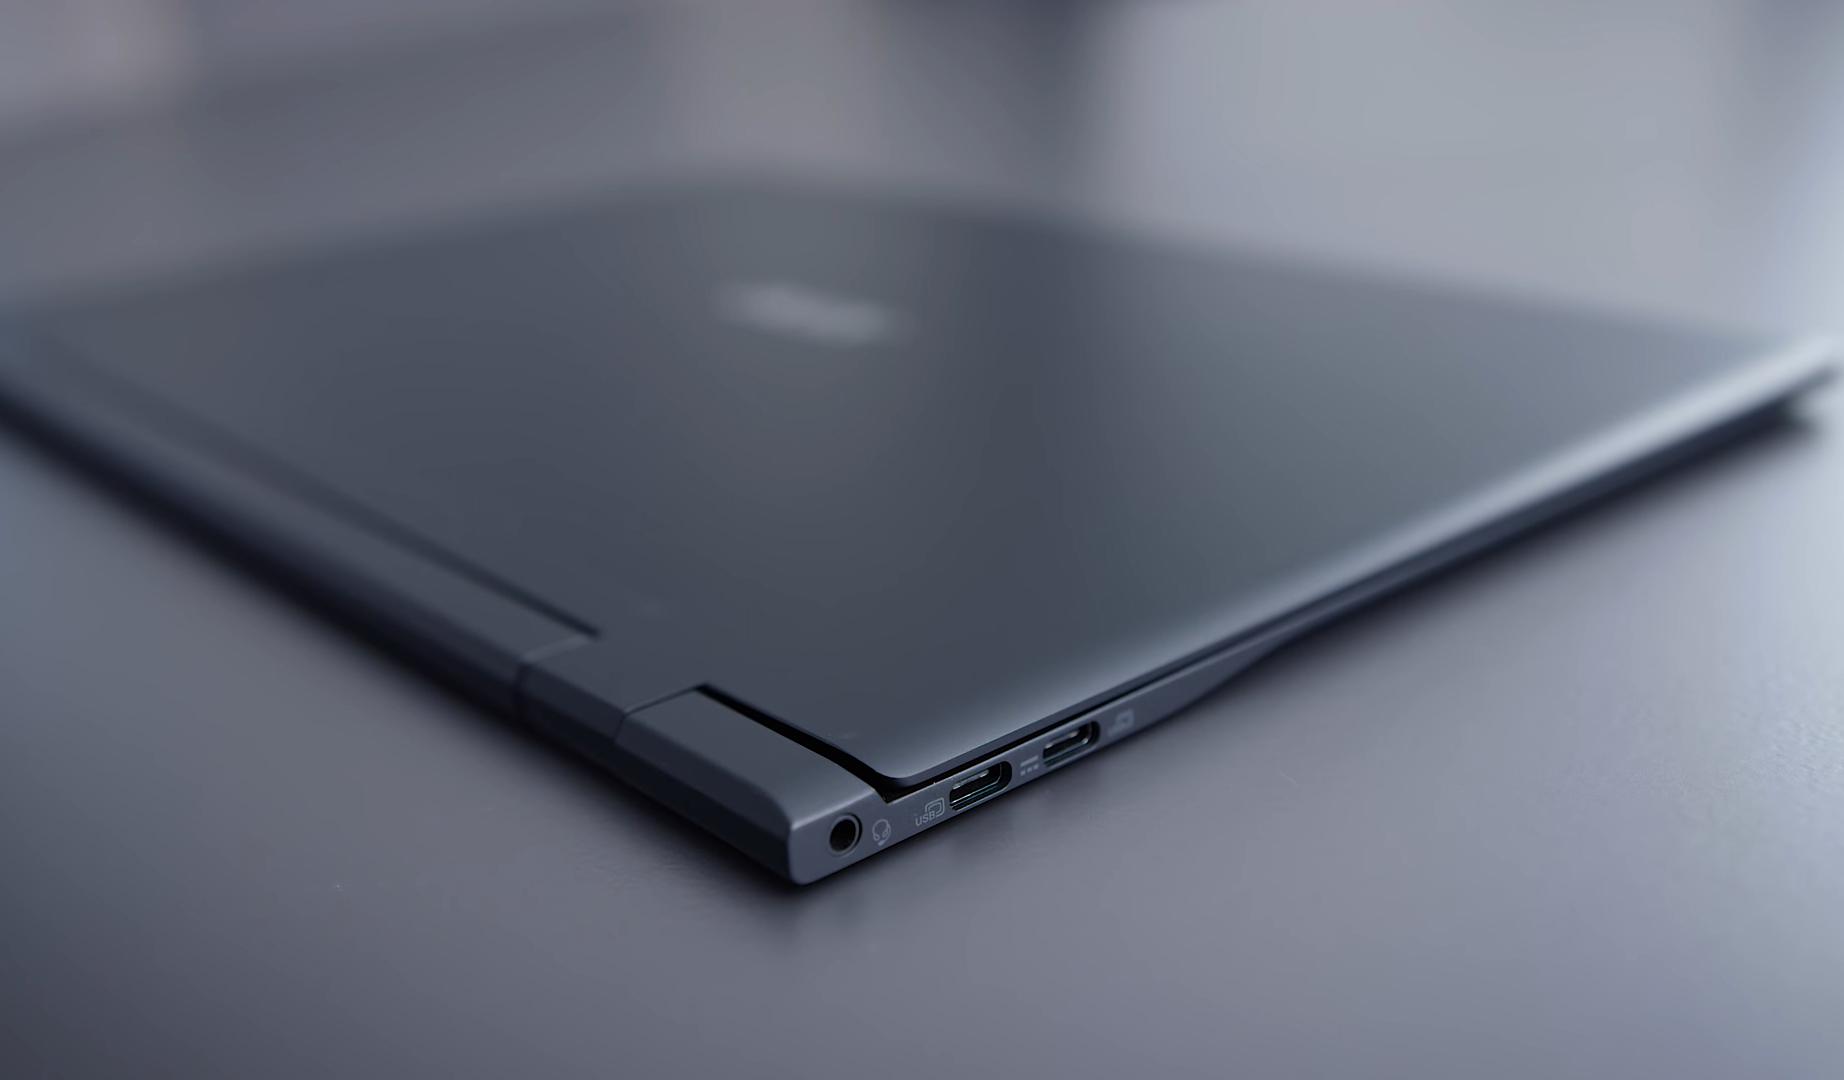 4 важных преимущества современных ноутбуков перед ПК прошлых лет